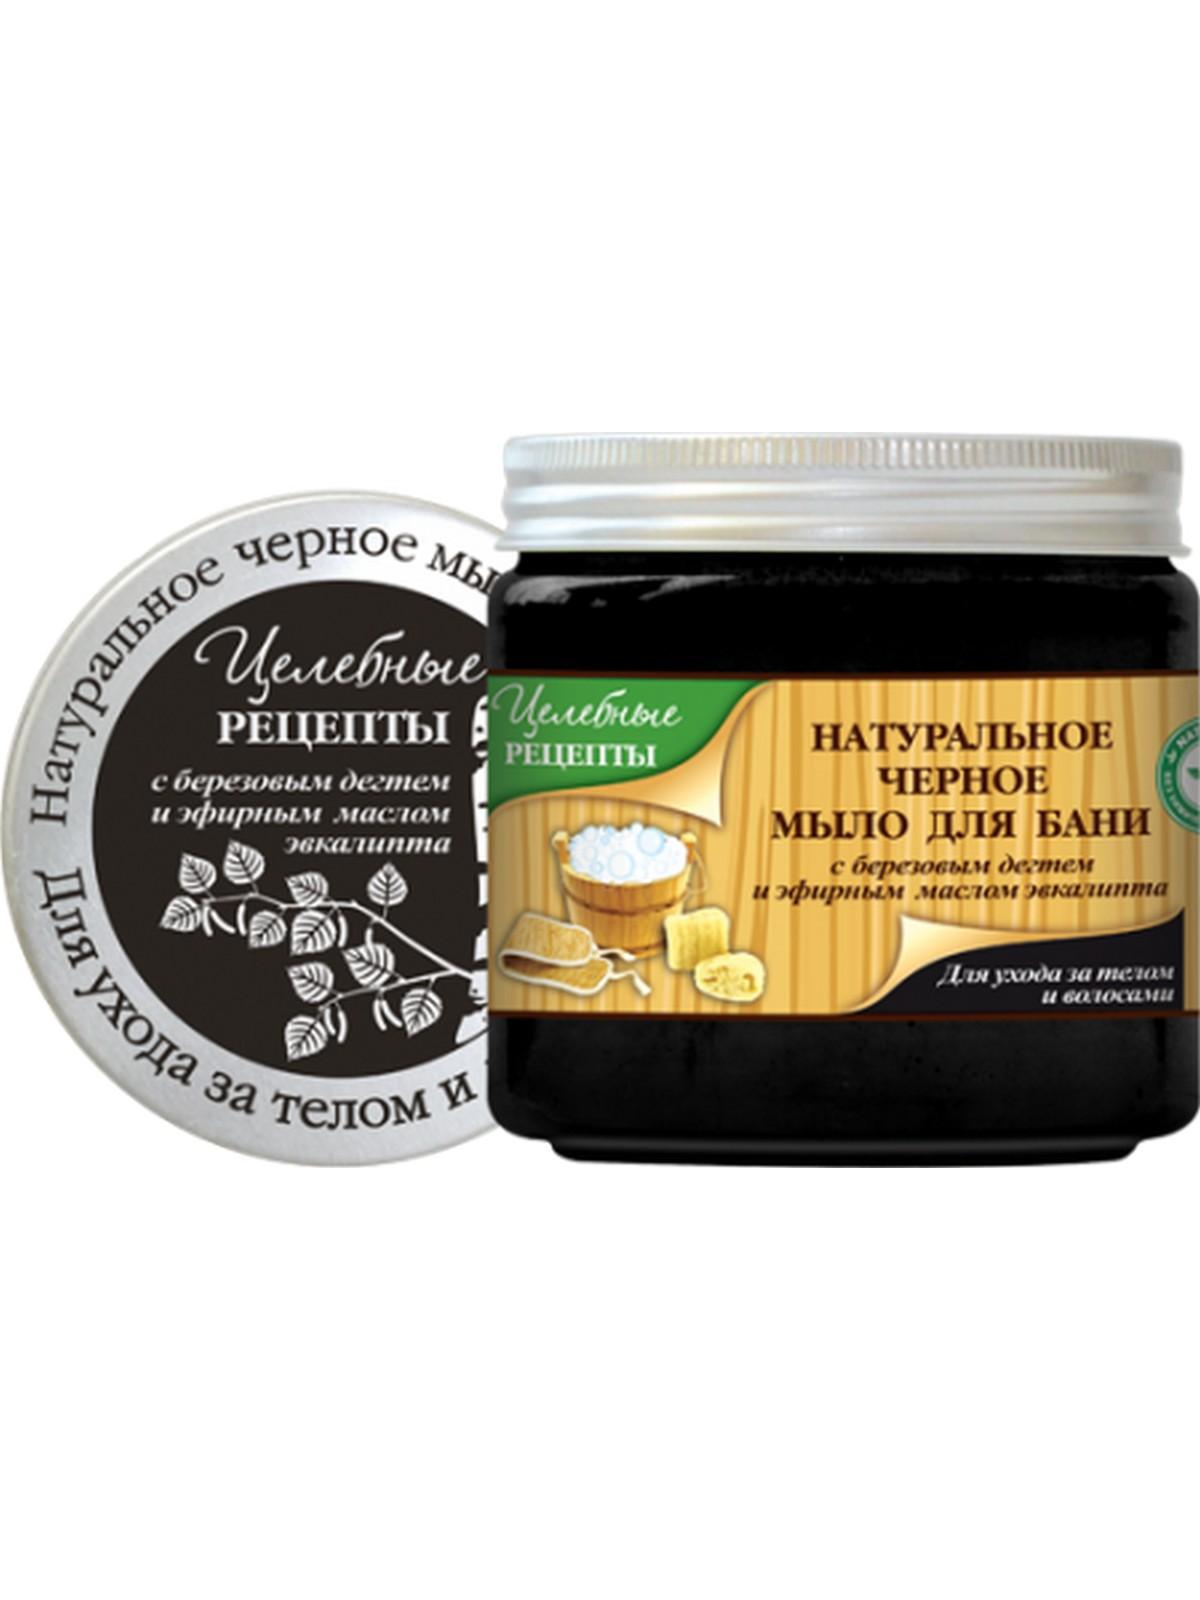 Целебные рецепты Натуральное Черное мыло для бани для ухода за телом и волосами 500 мл.